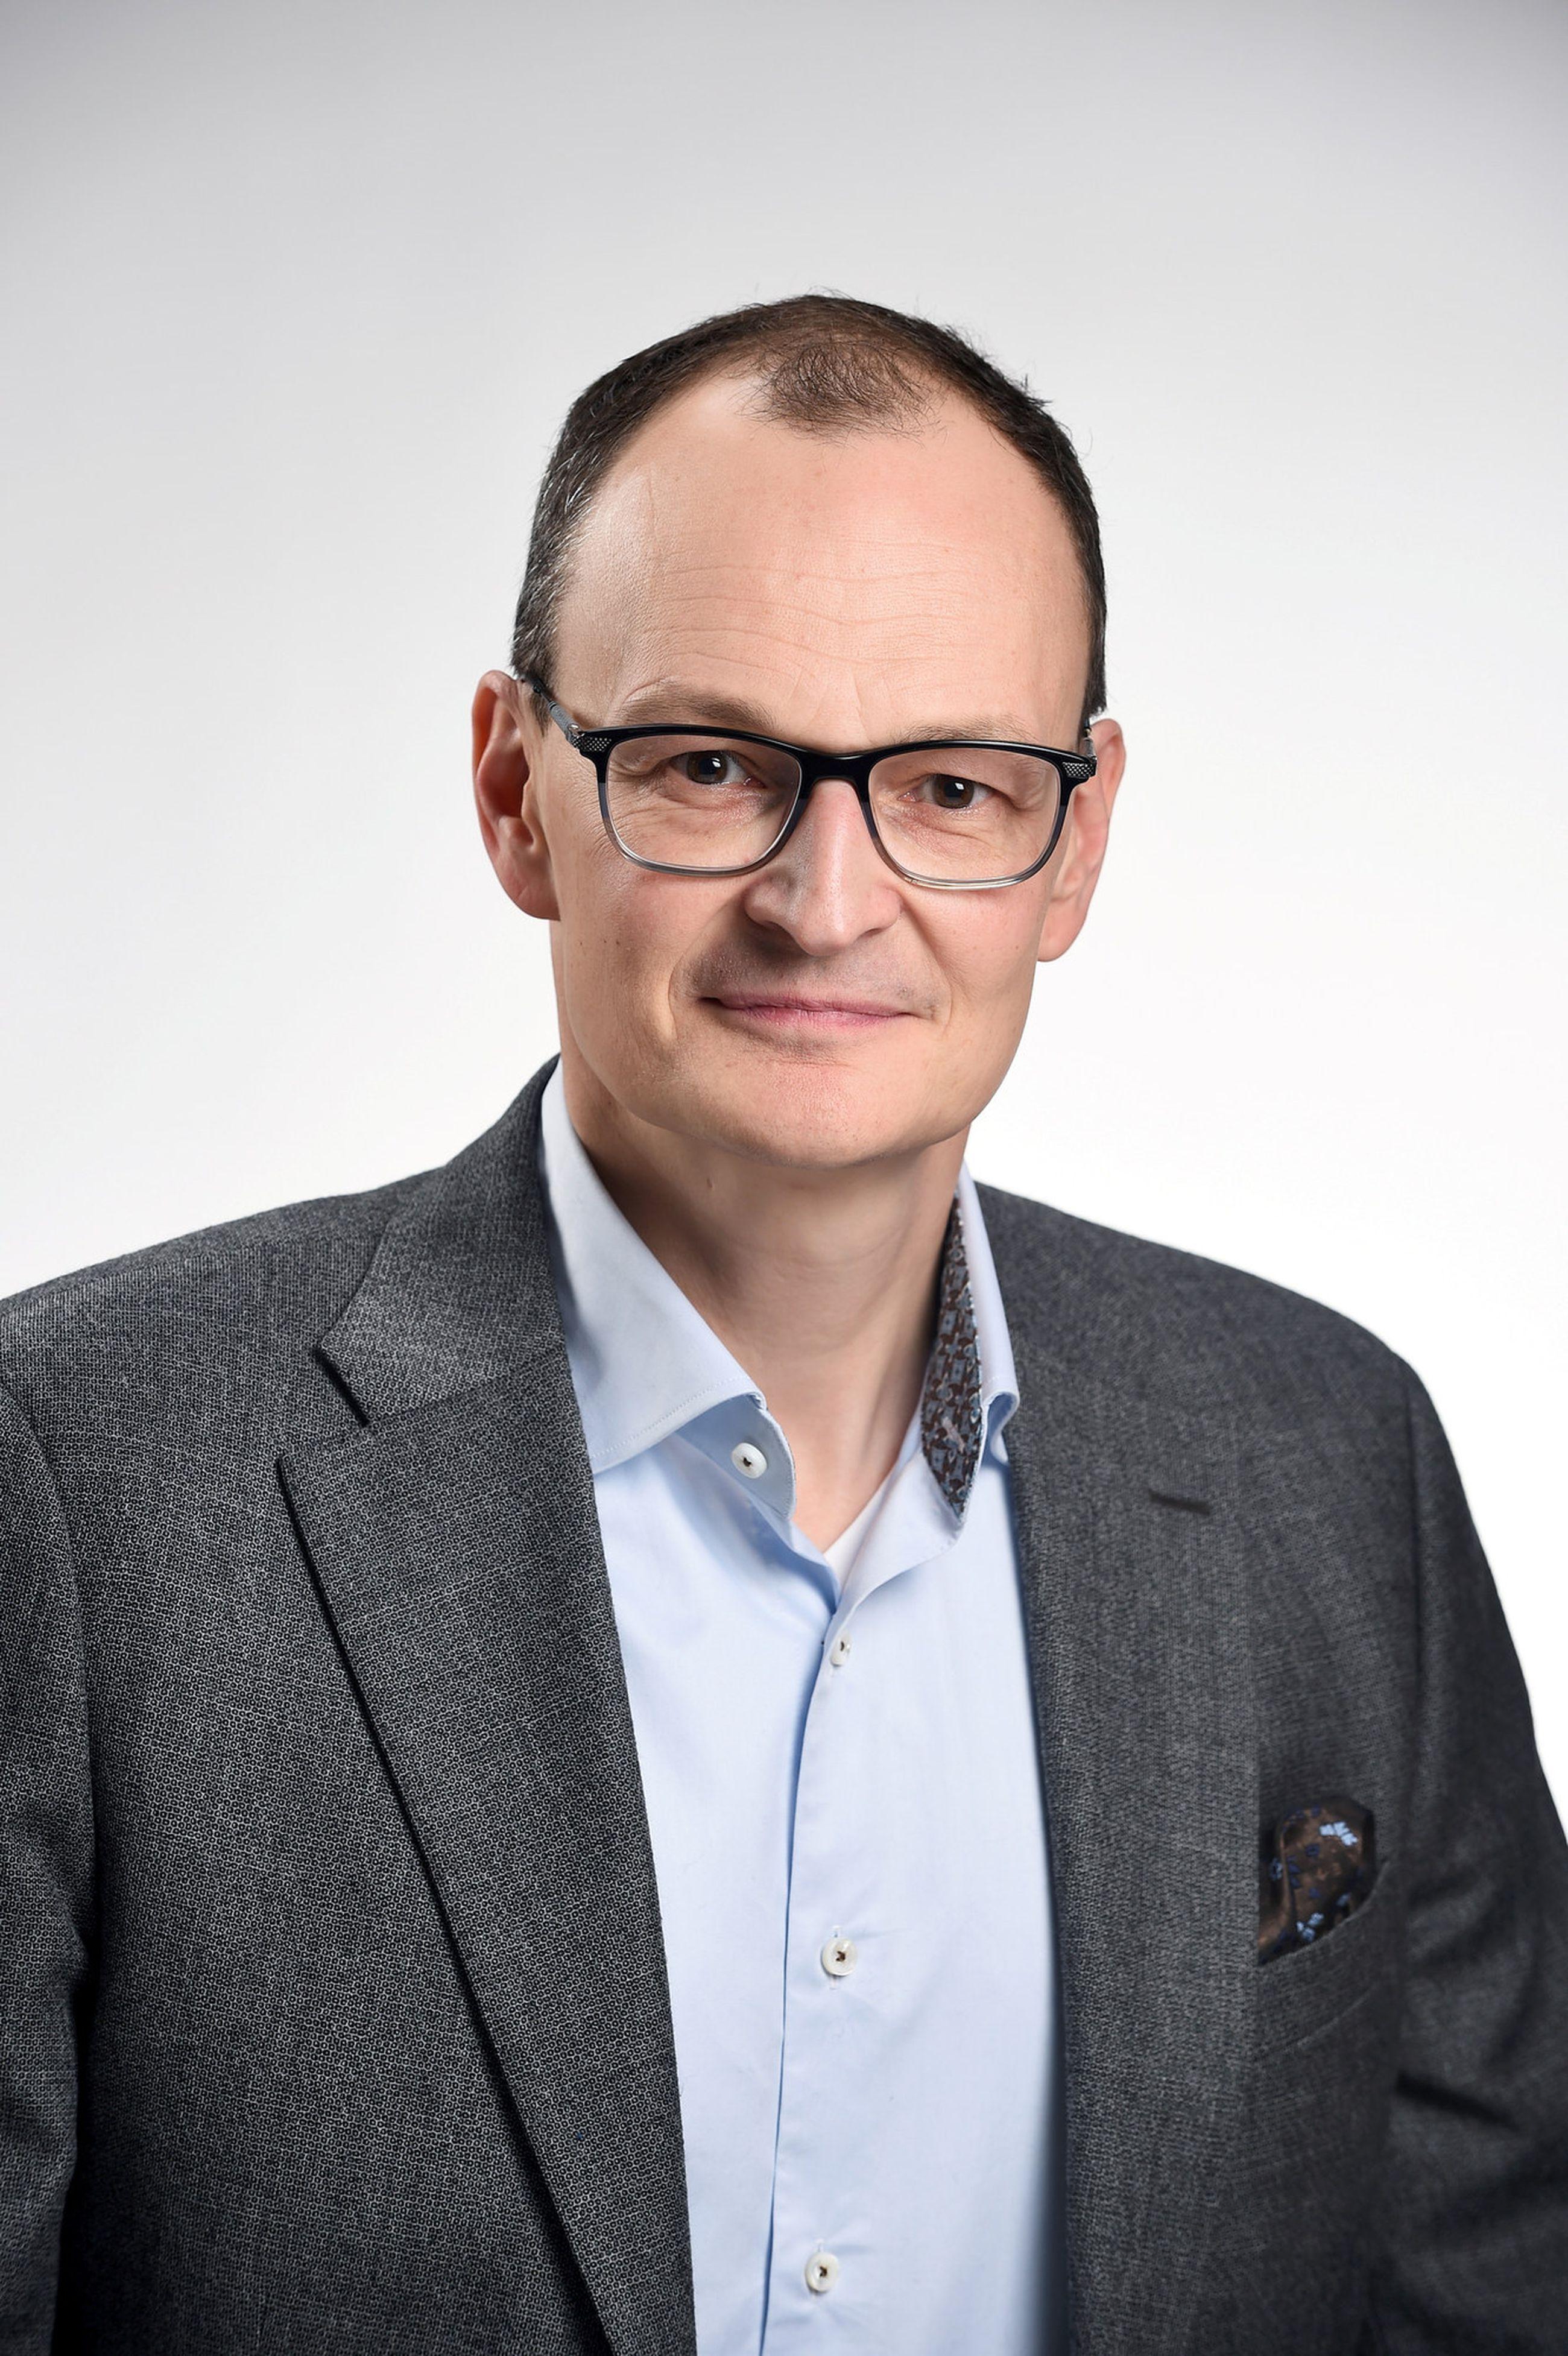 Kontiotuotteelle Uusi Toimitusjohtaja – Konsernijohtaja Mika Rytky